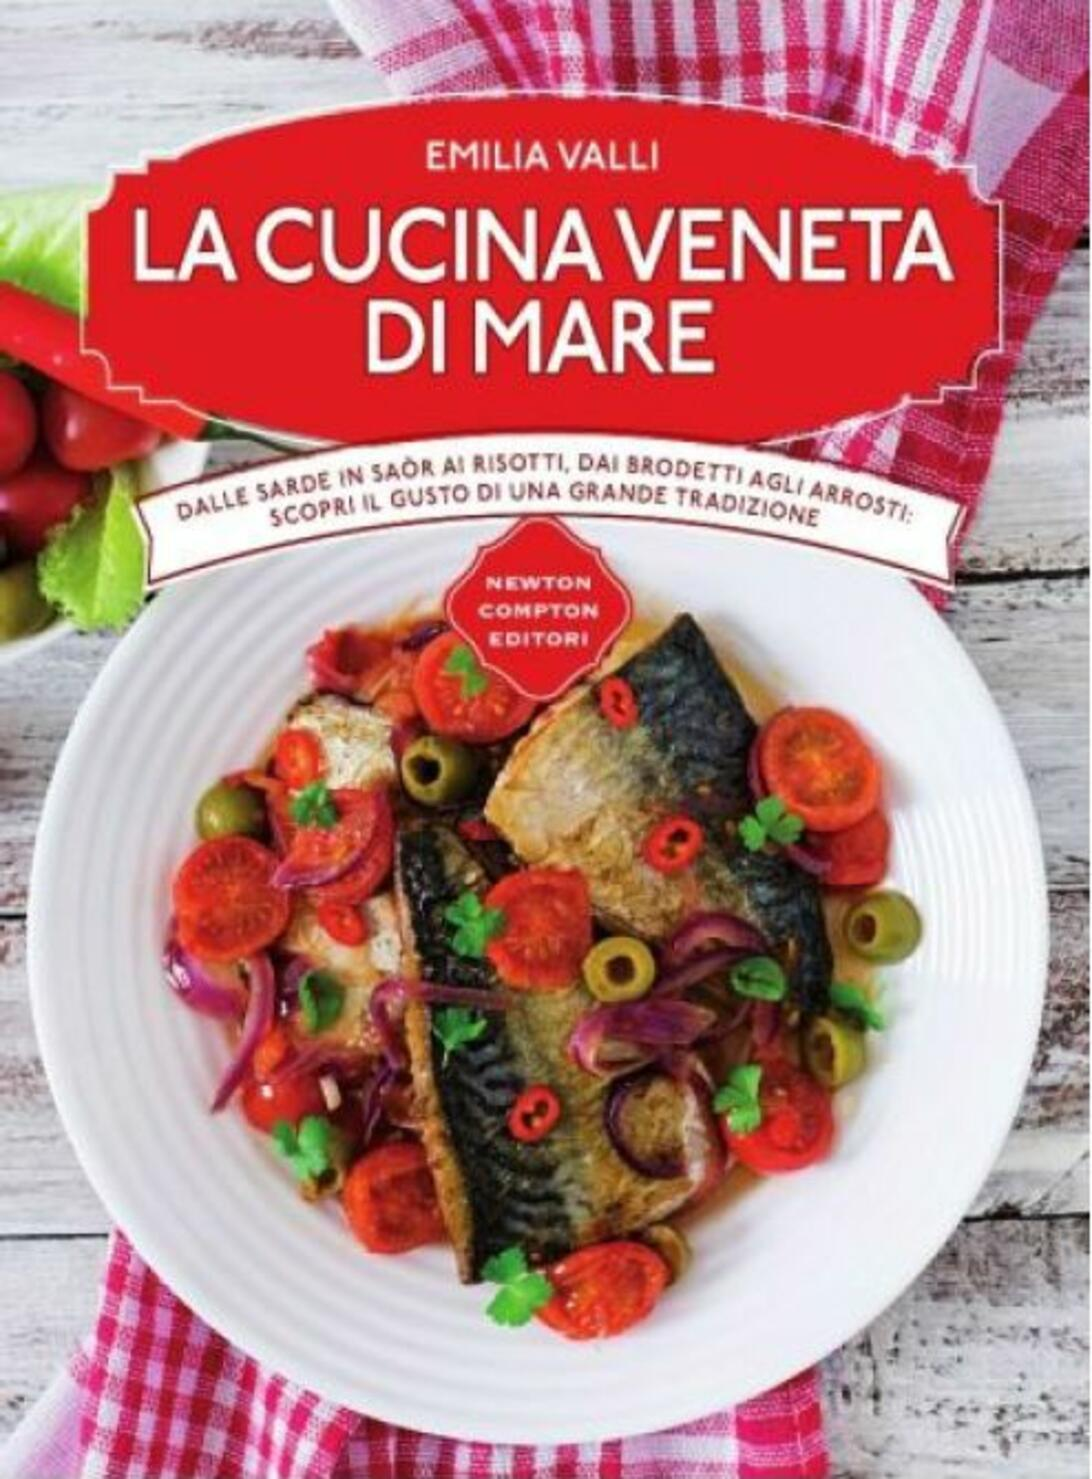 La cucina veneta di mare - Emilia Valli - Libro - Newton Compton ...